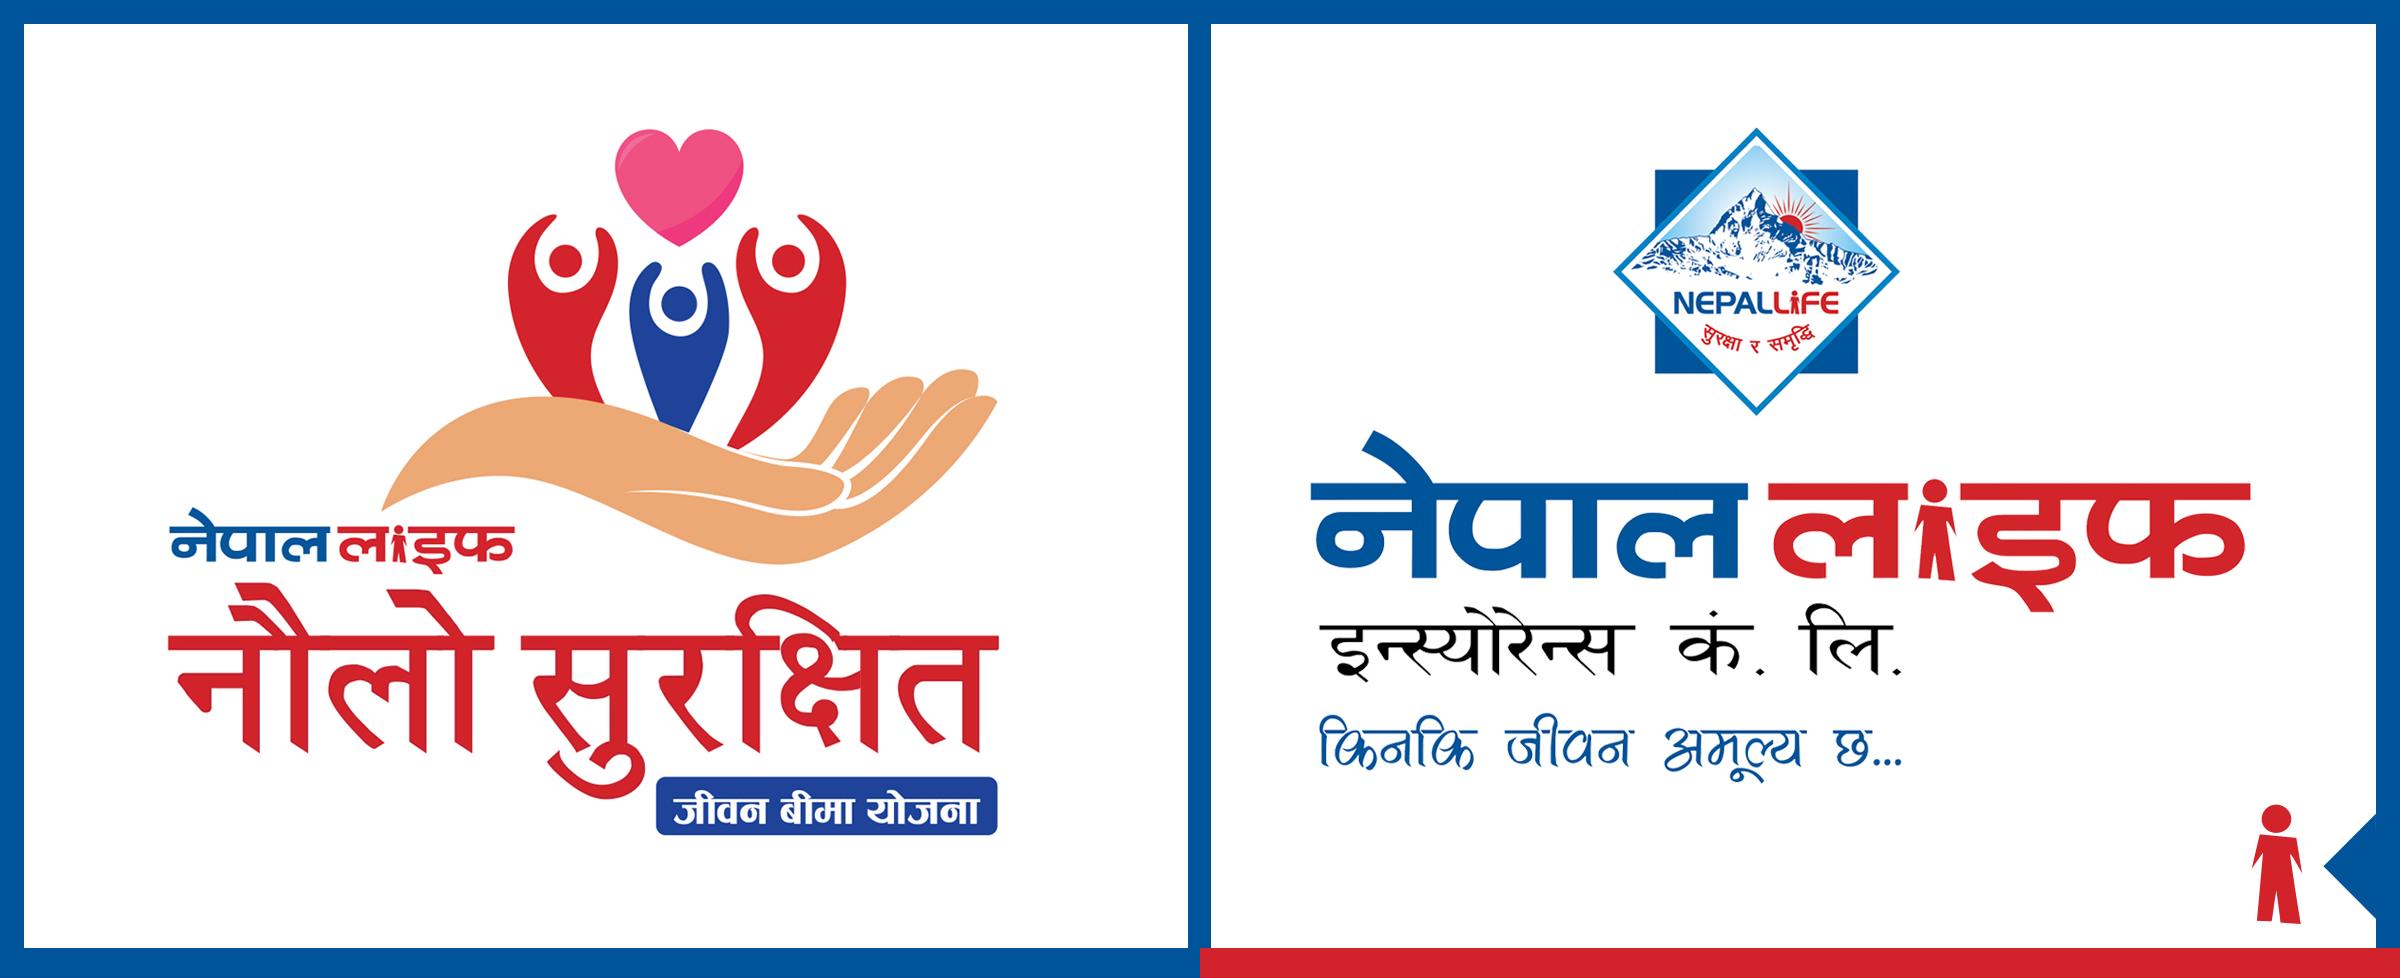 नेपाल लाइफको 'नौलो सुरक्षित' जीवन बीमा योजना